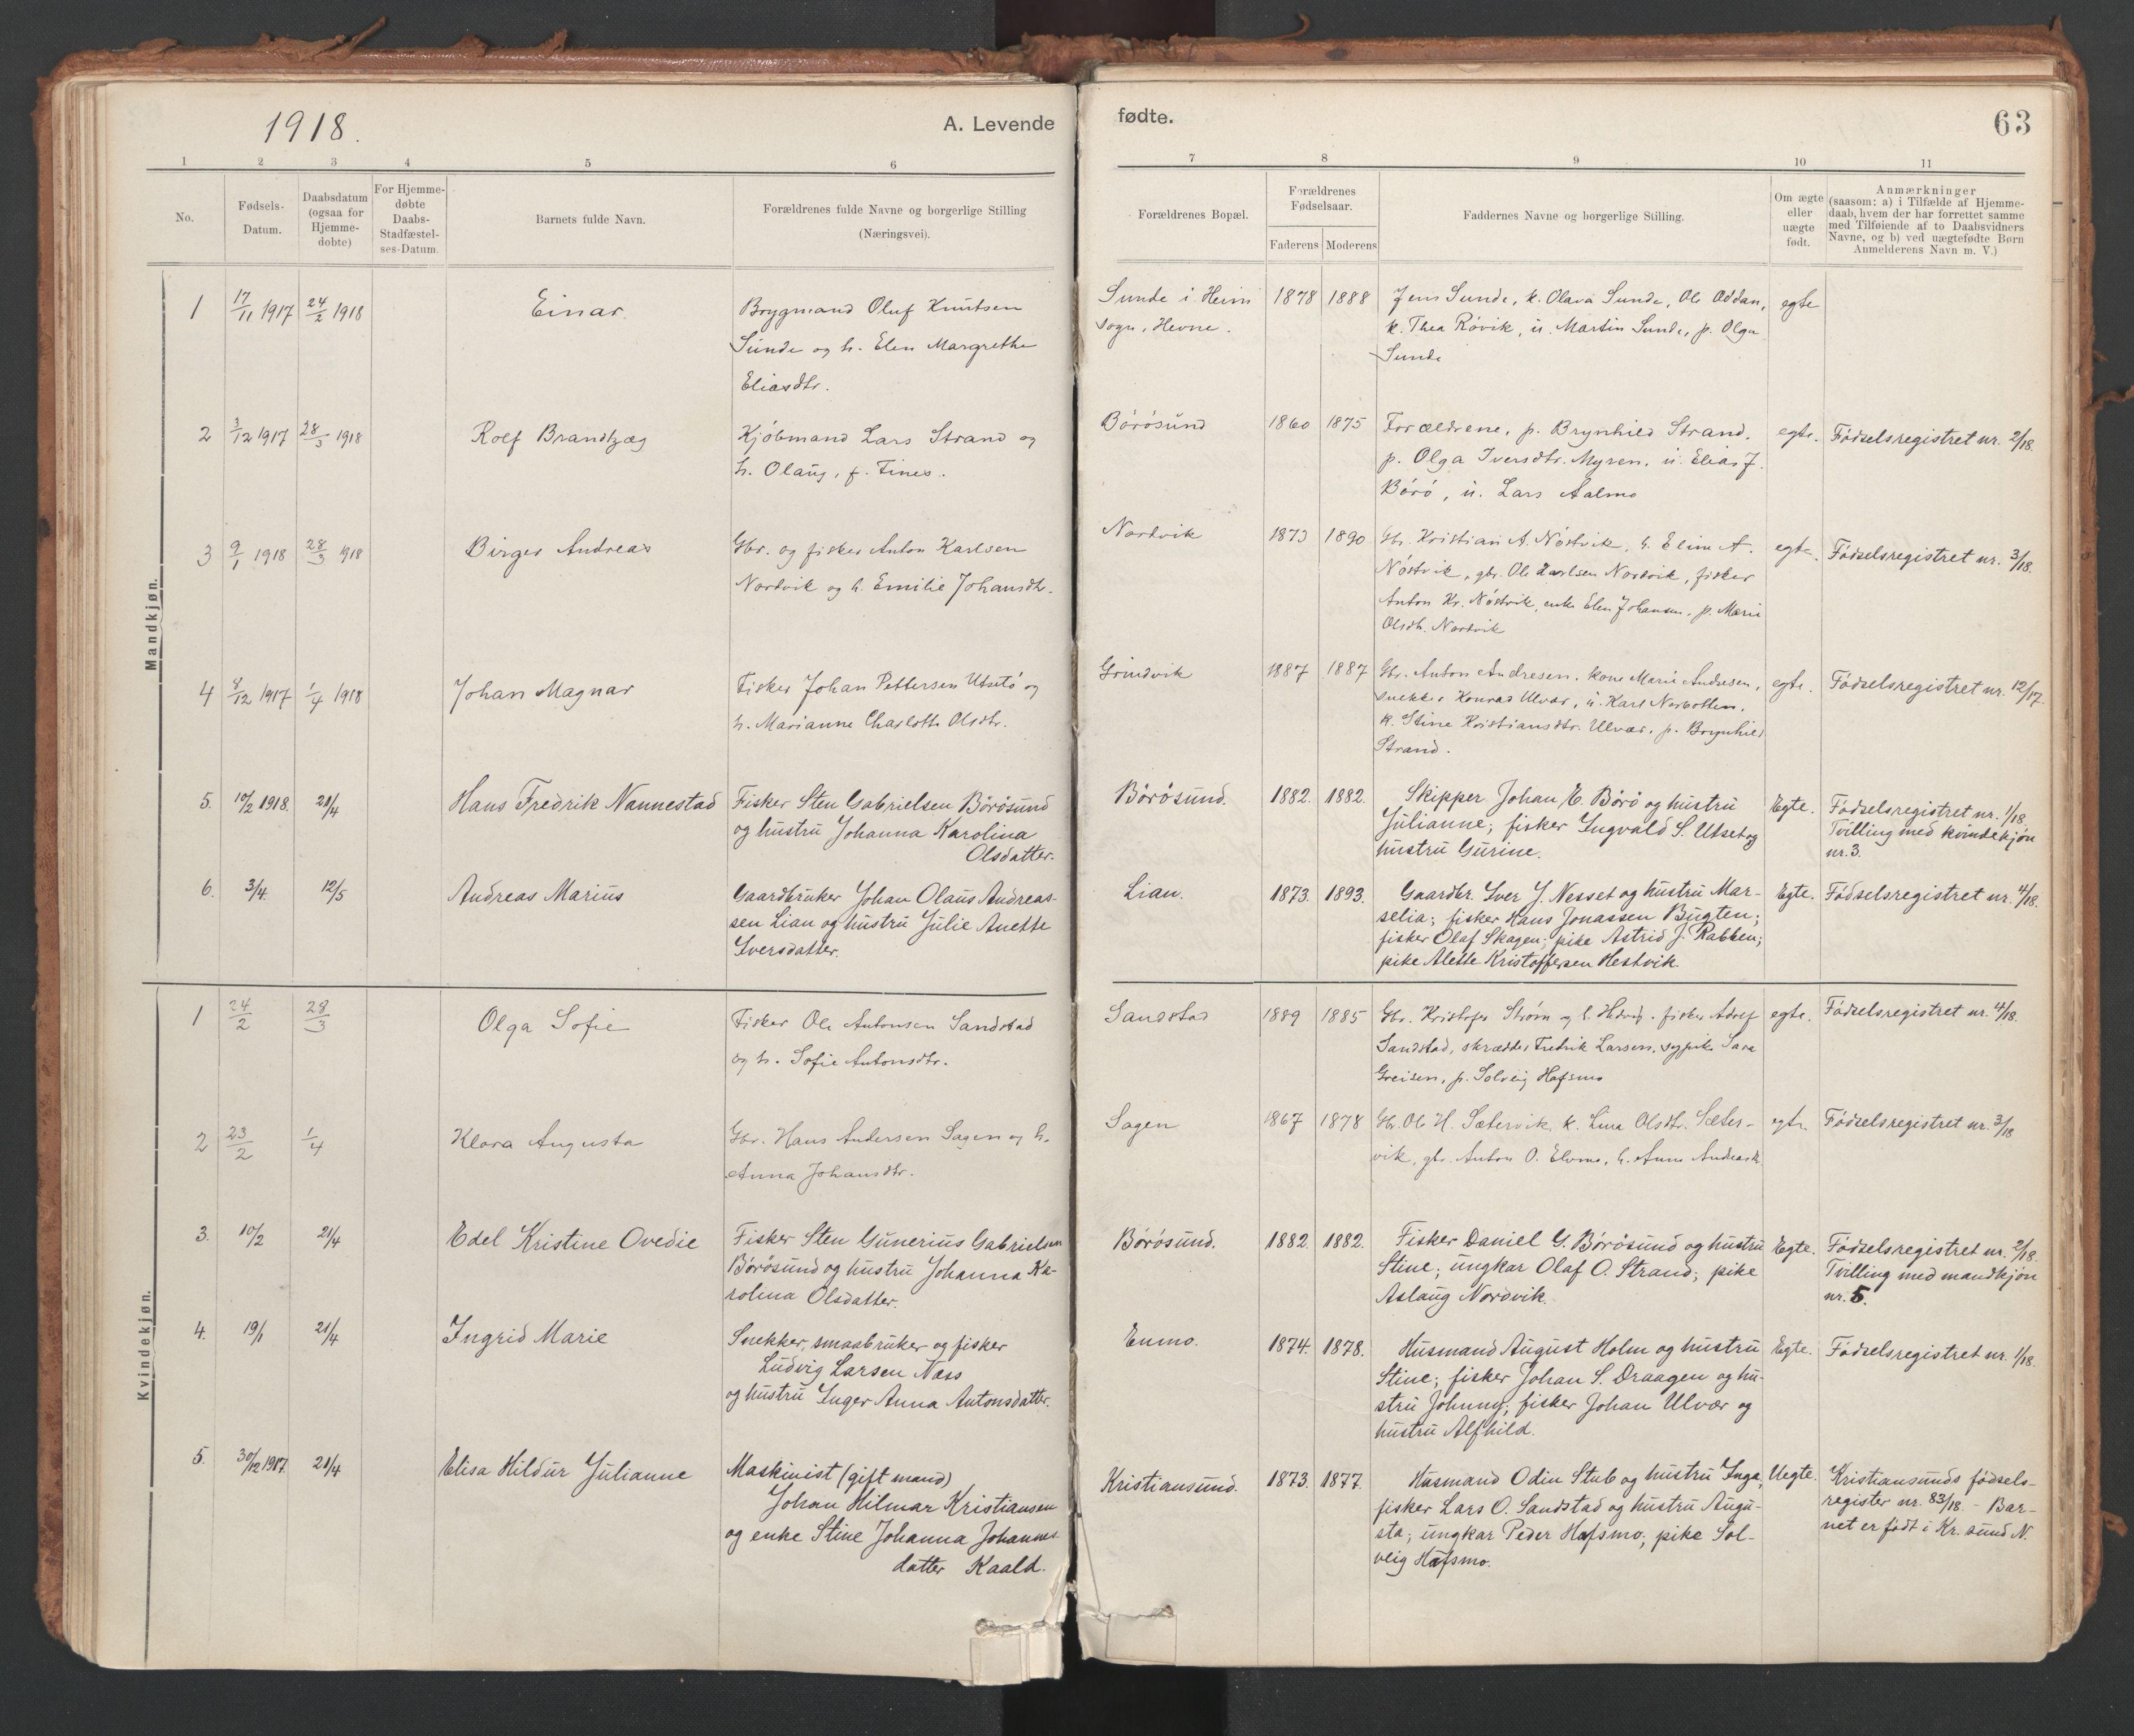 SAT, Ministerialprotokoller, klokkerbøker og fødselsregistre - Sør-Trøndelag, 639/L0572: Ministerialbok nr. 639A01, 1890-1920, s. 63